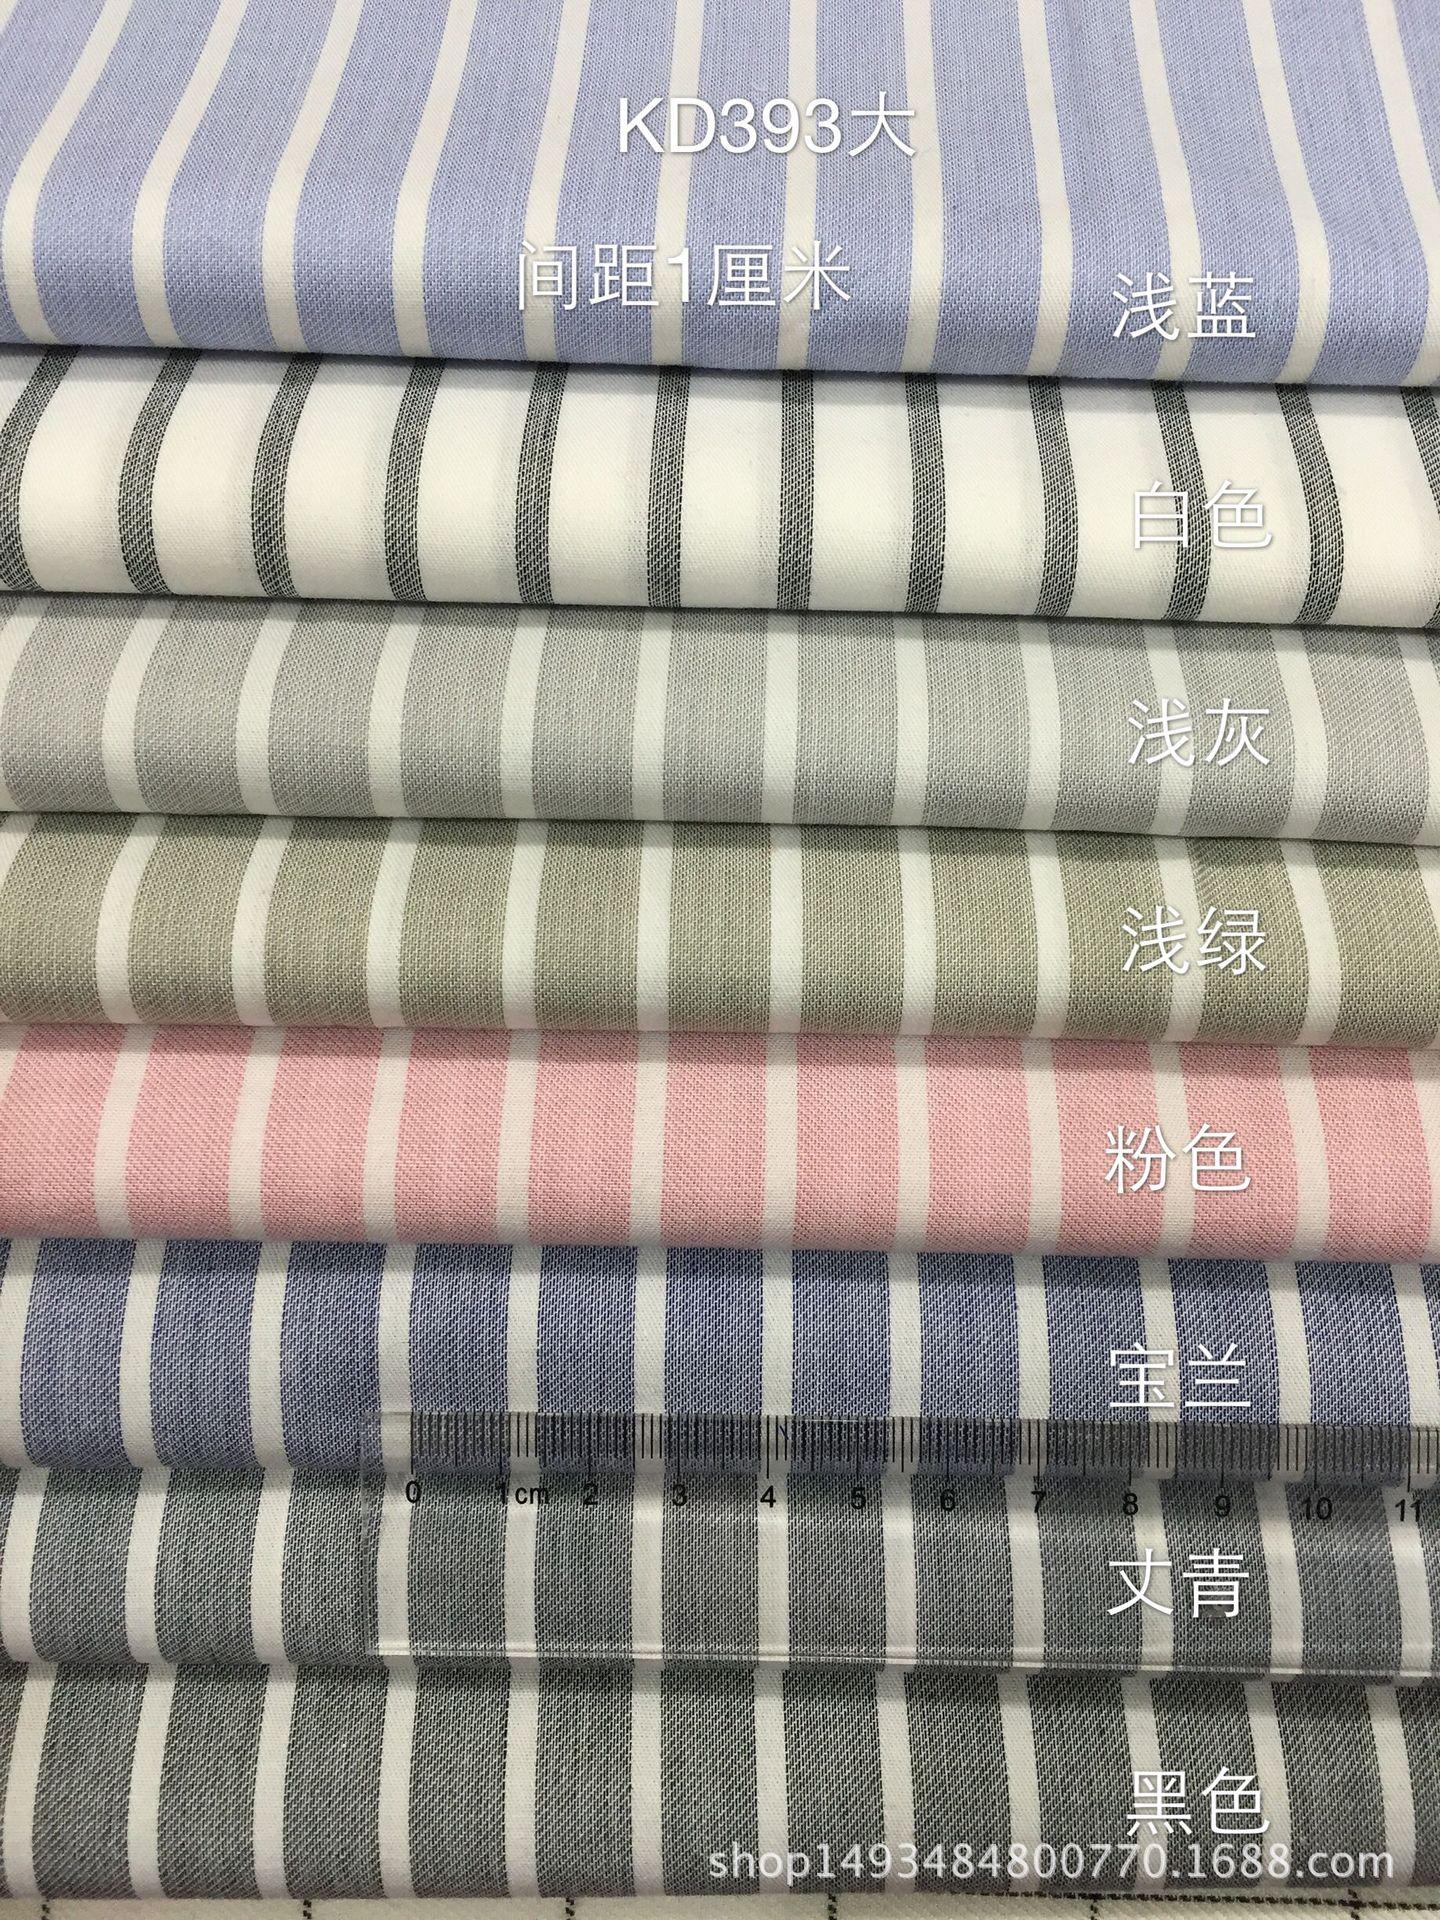 全棉色织梭织面料斜纹高密条大中小系列韩版春夏秋季 衬衫面料